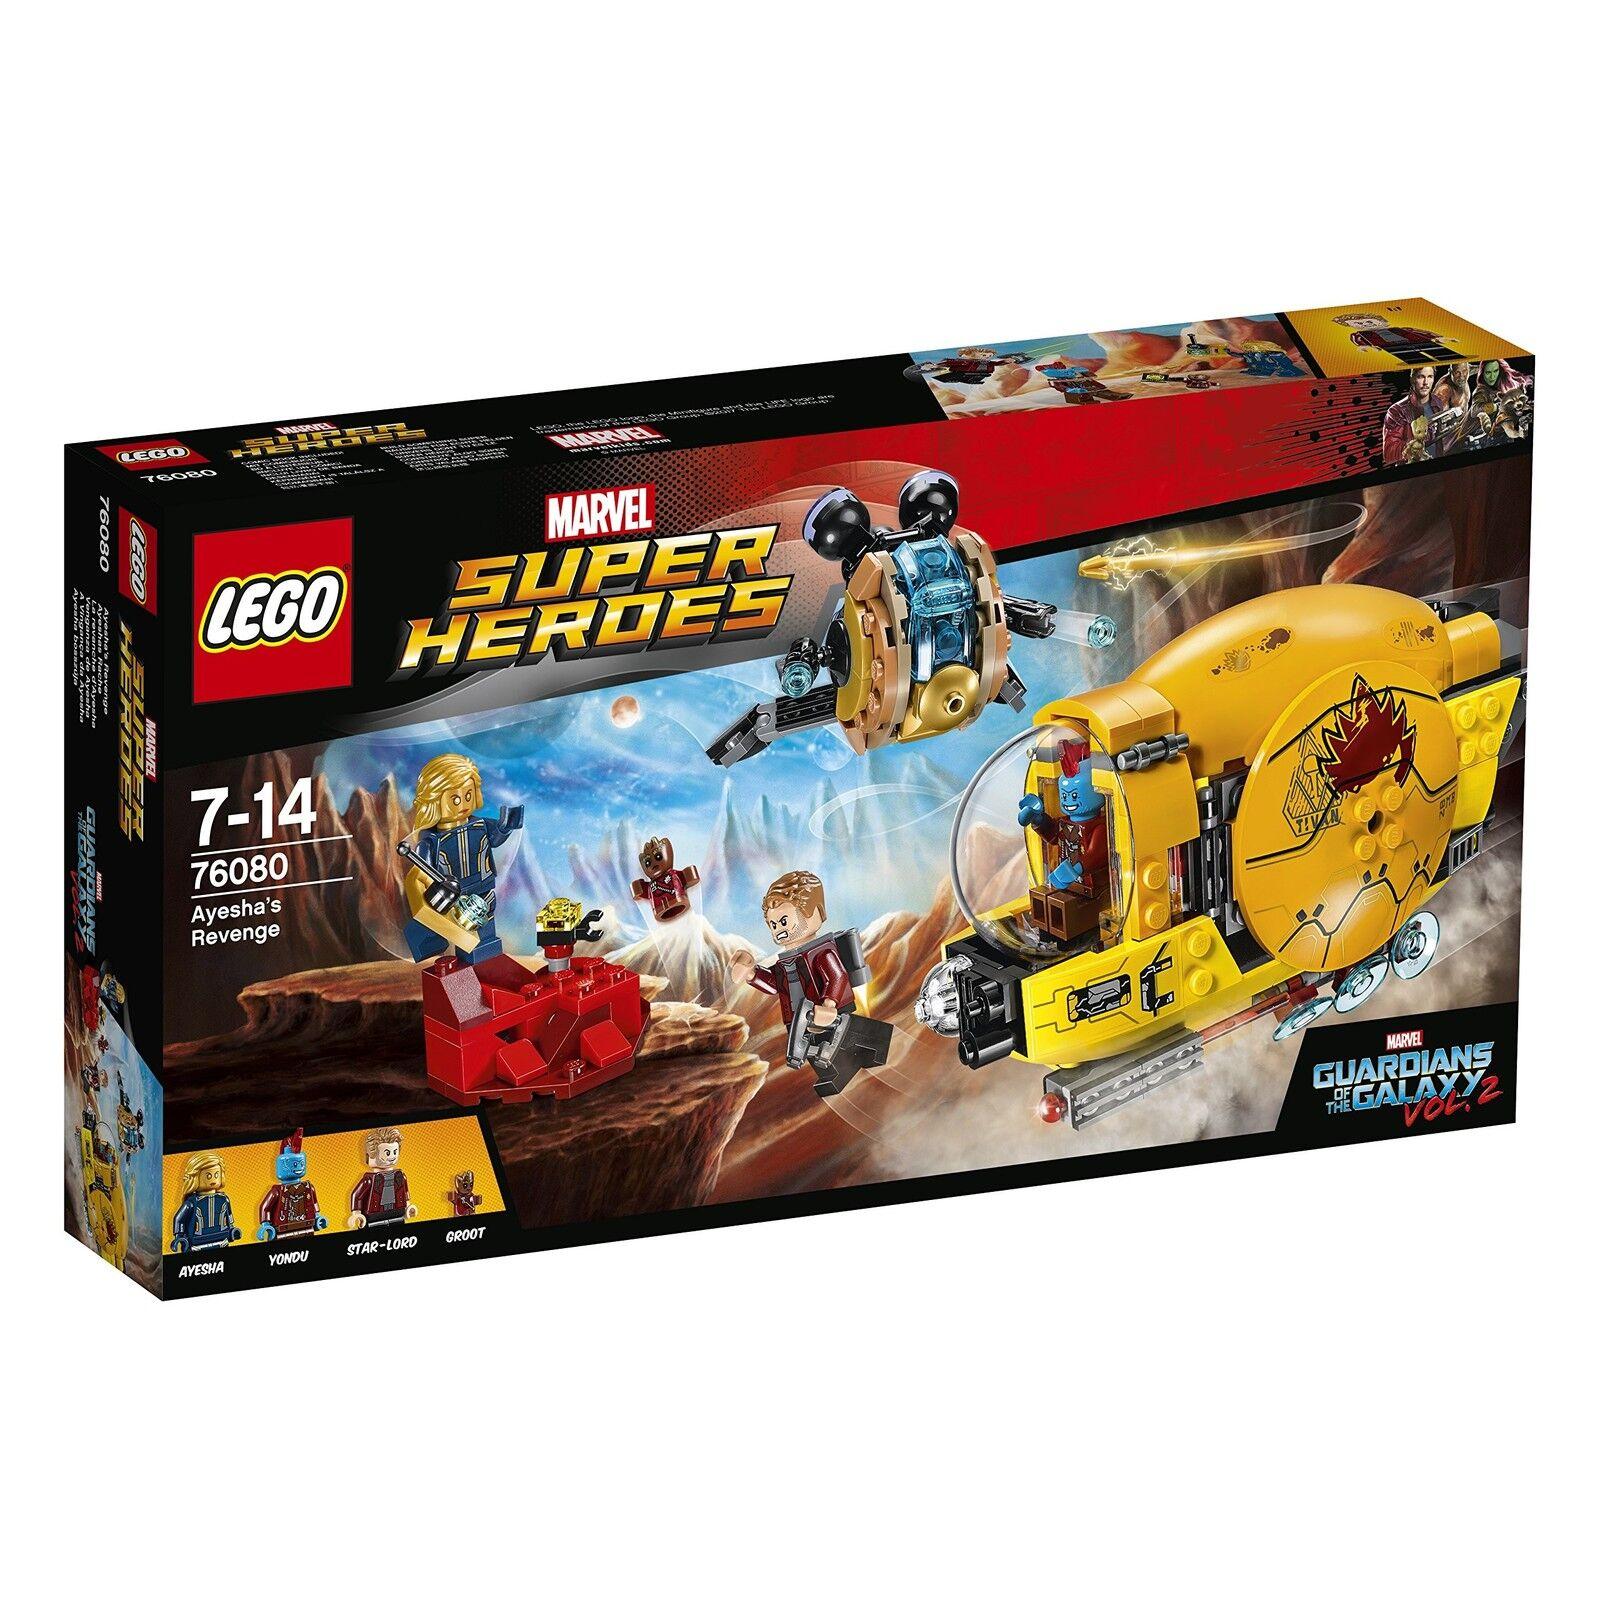 LEGO 76080 Ayesha's Revenge Building set